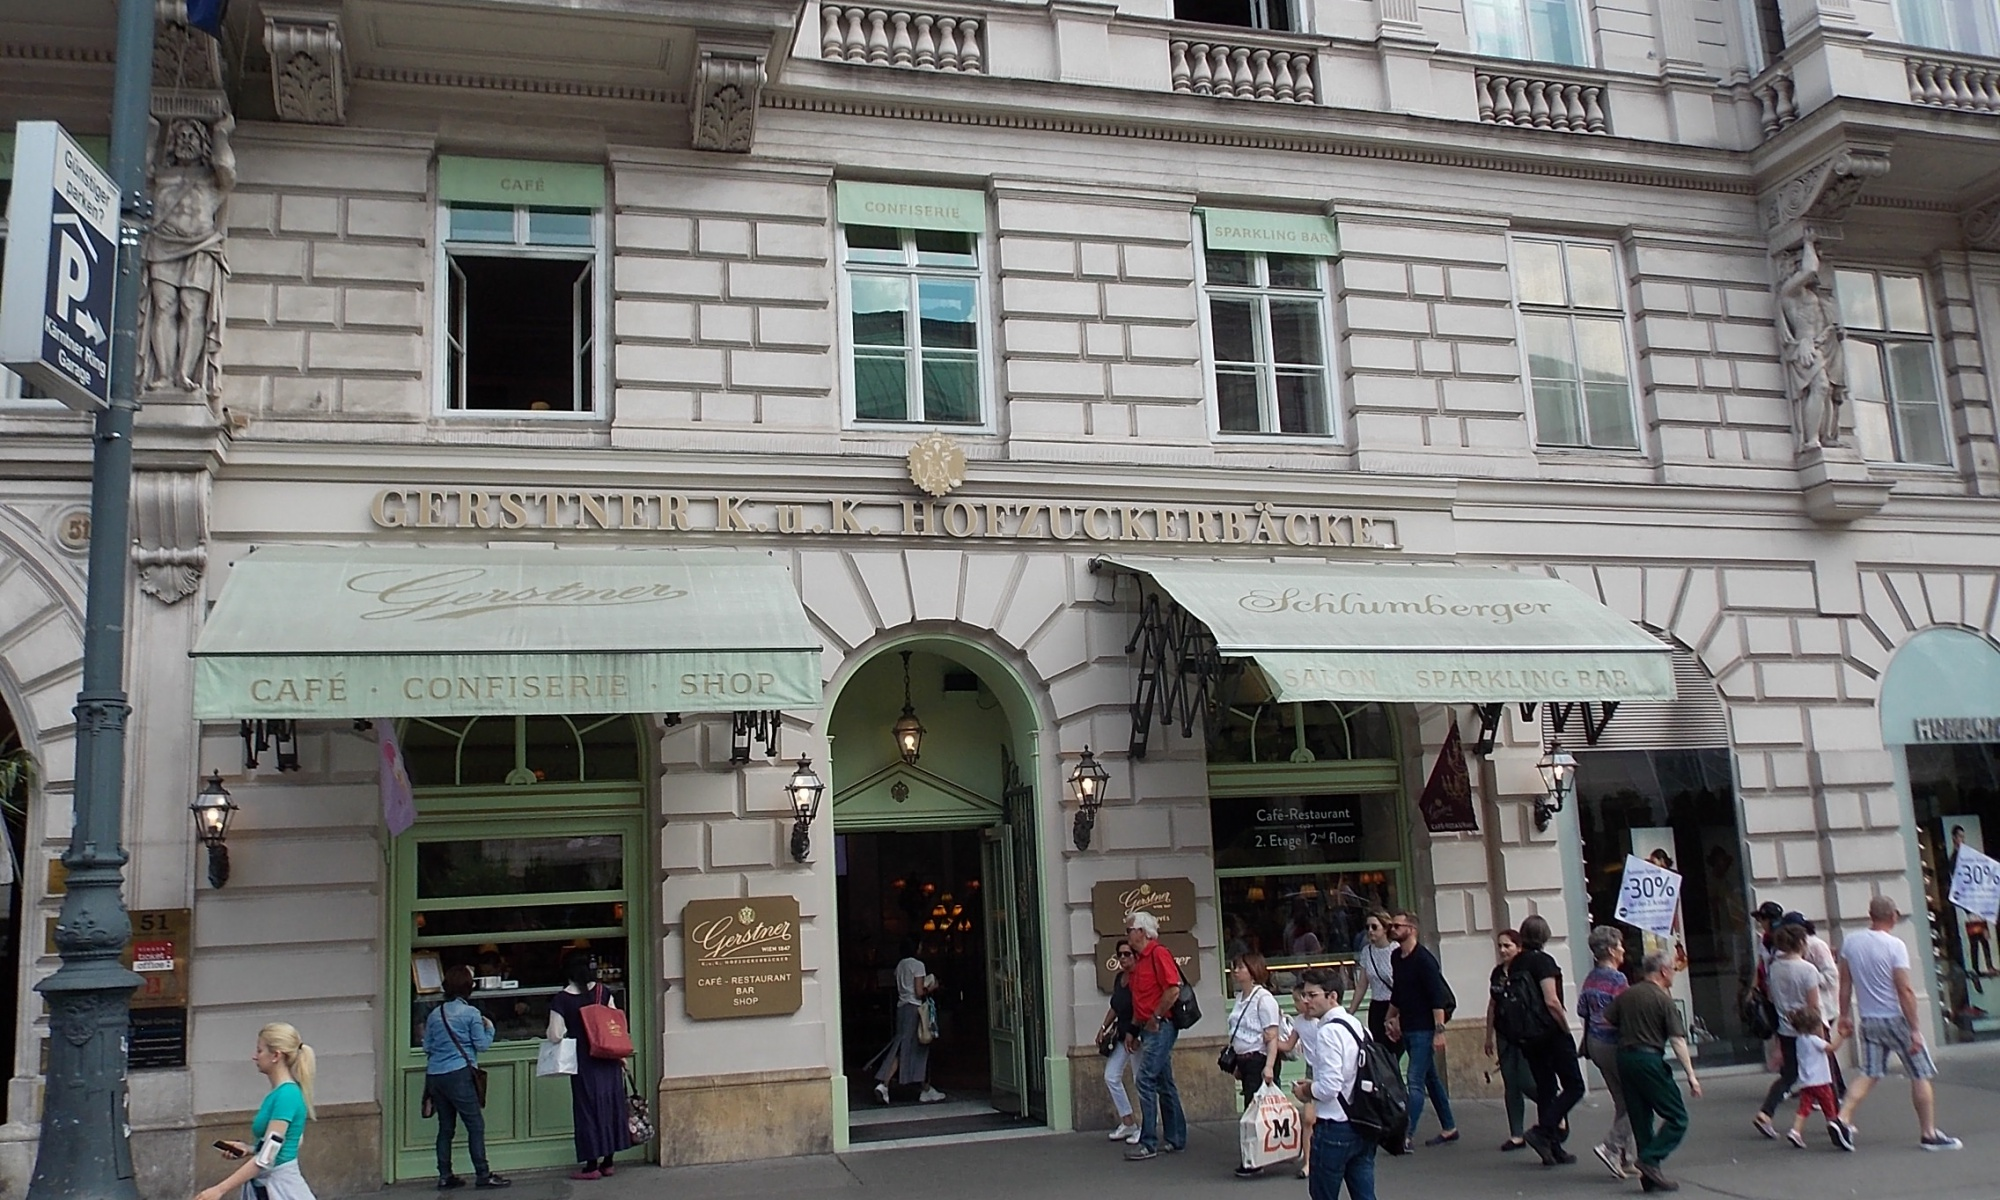 Wien Kaffeehaus Gerstner K. u. K. Hofzuckerbäcker steht für kulinarischen Hochgenuss.